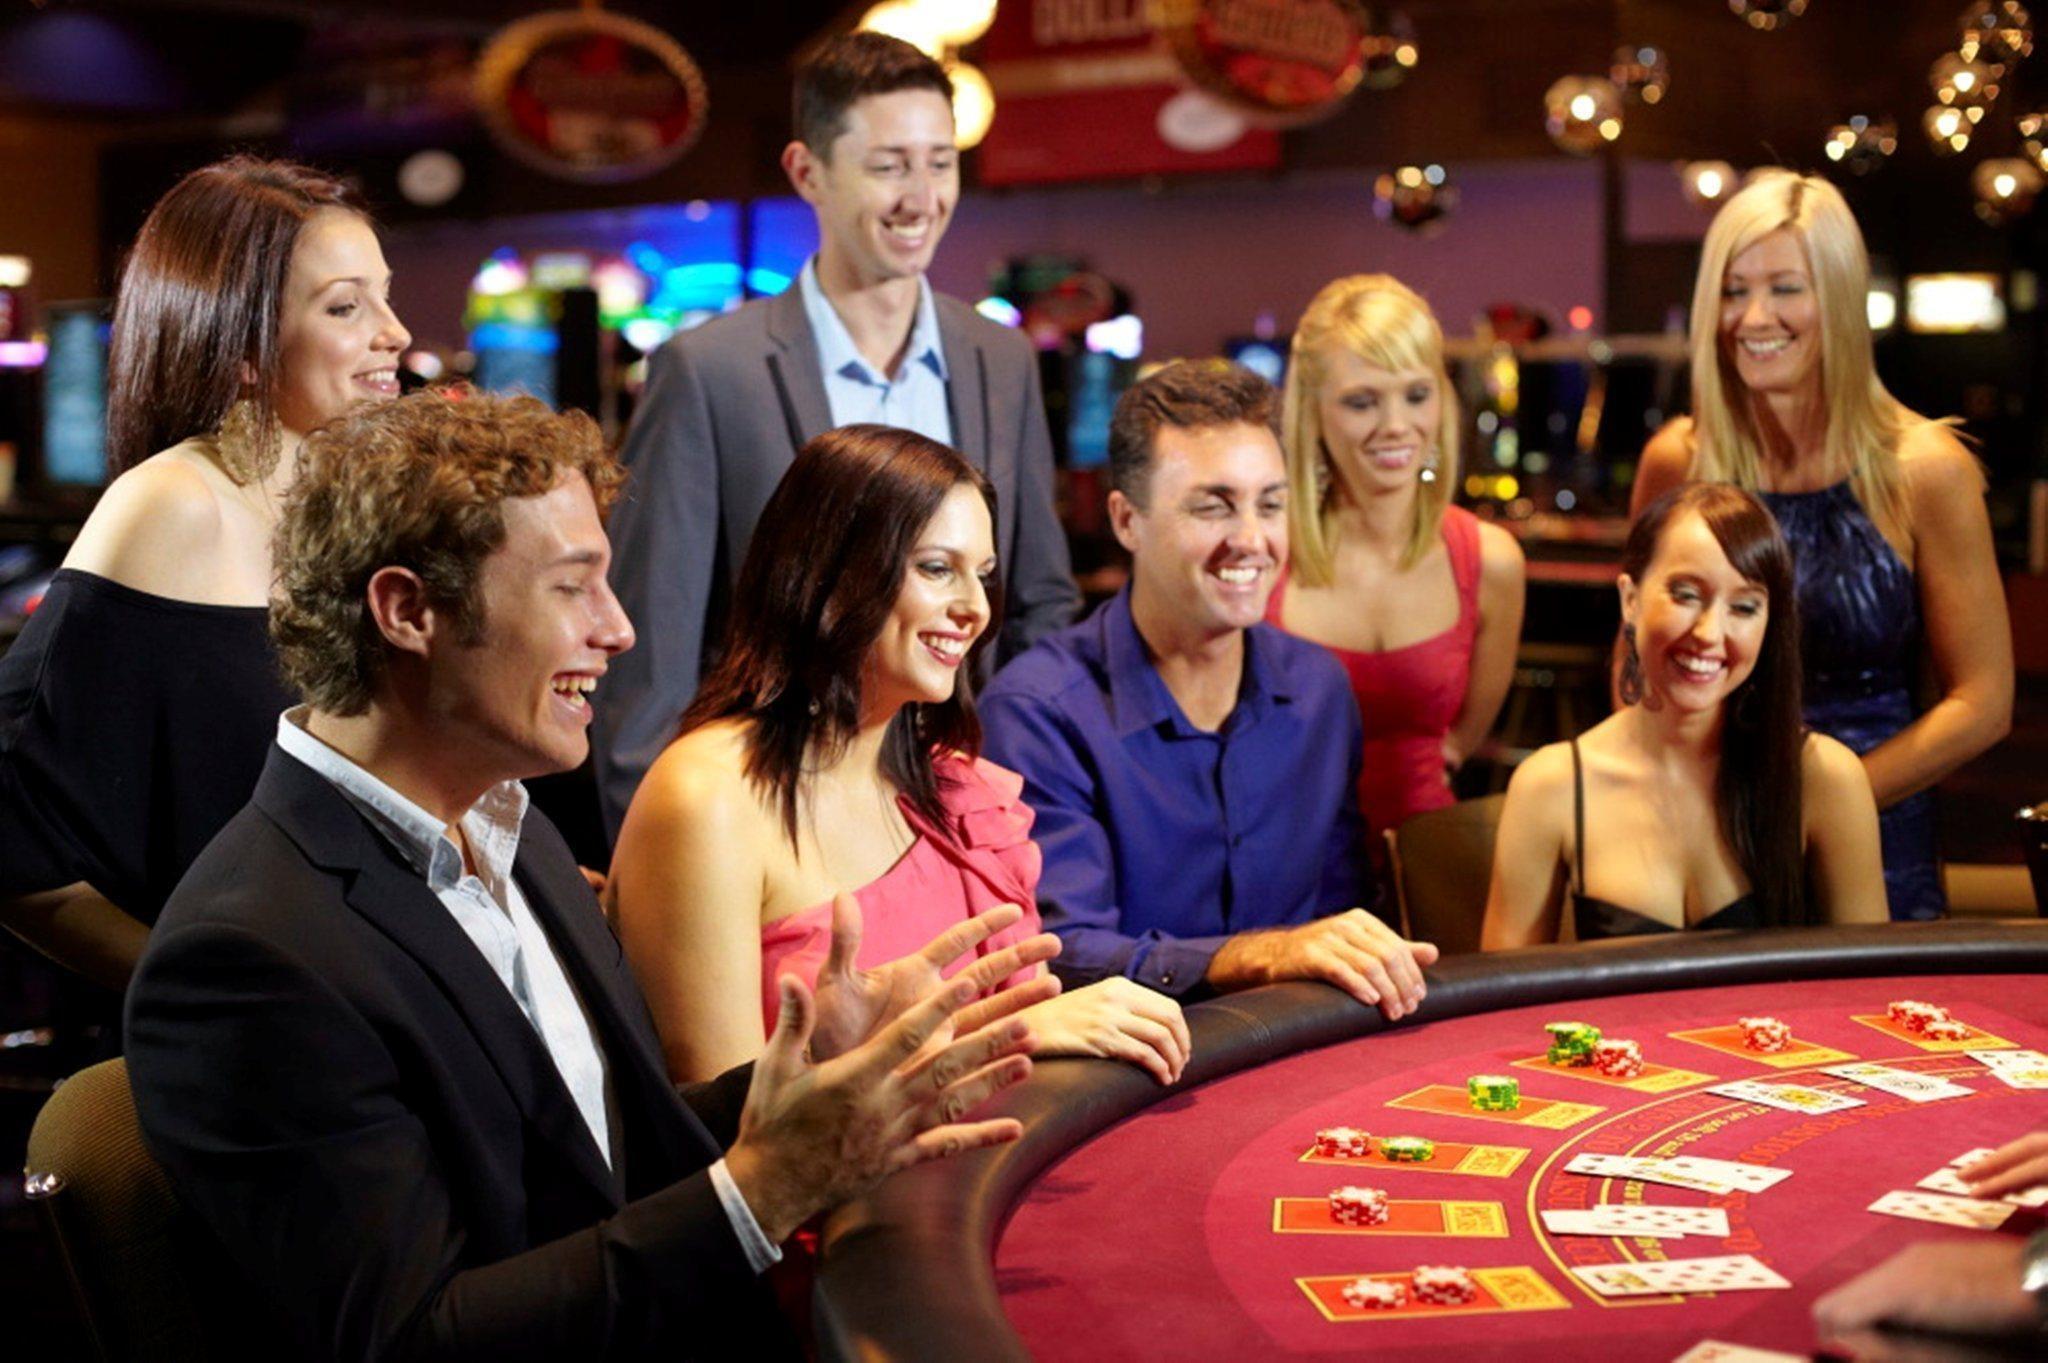 играть на игровых автоматах в казино онлайн бесплатно